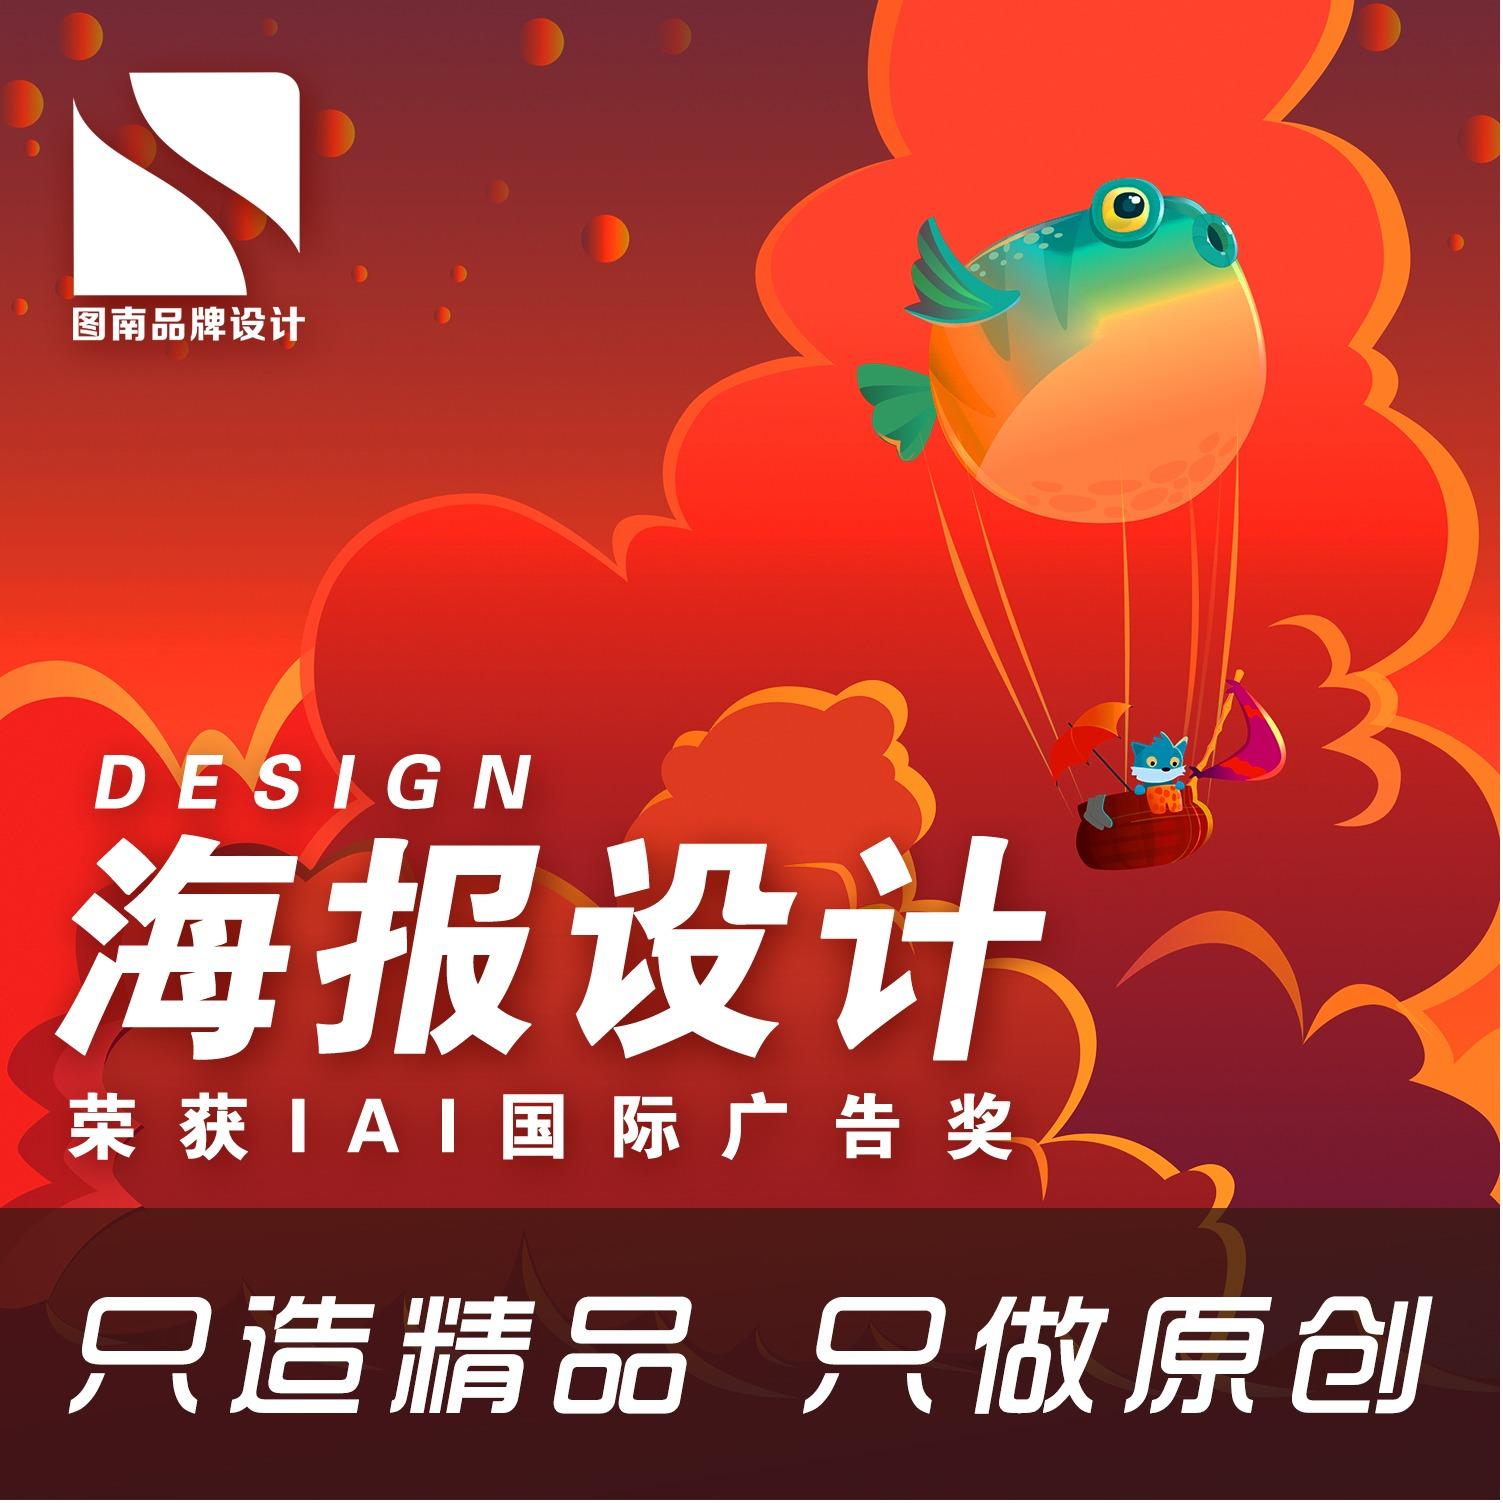 科技电子产品海报设计家居建材海报设计文化教育培训机构海报设计